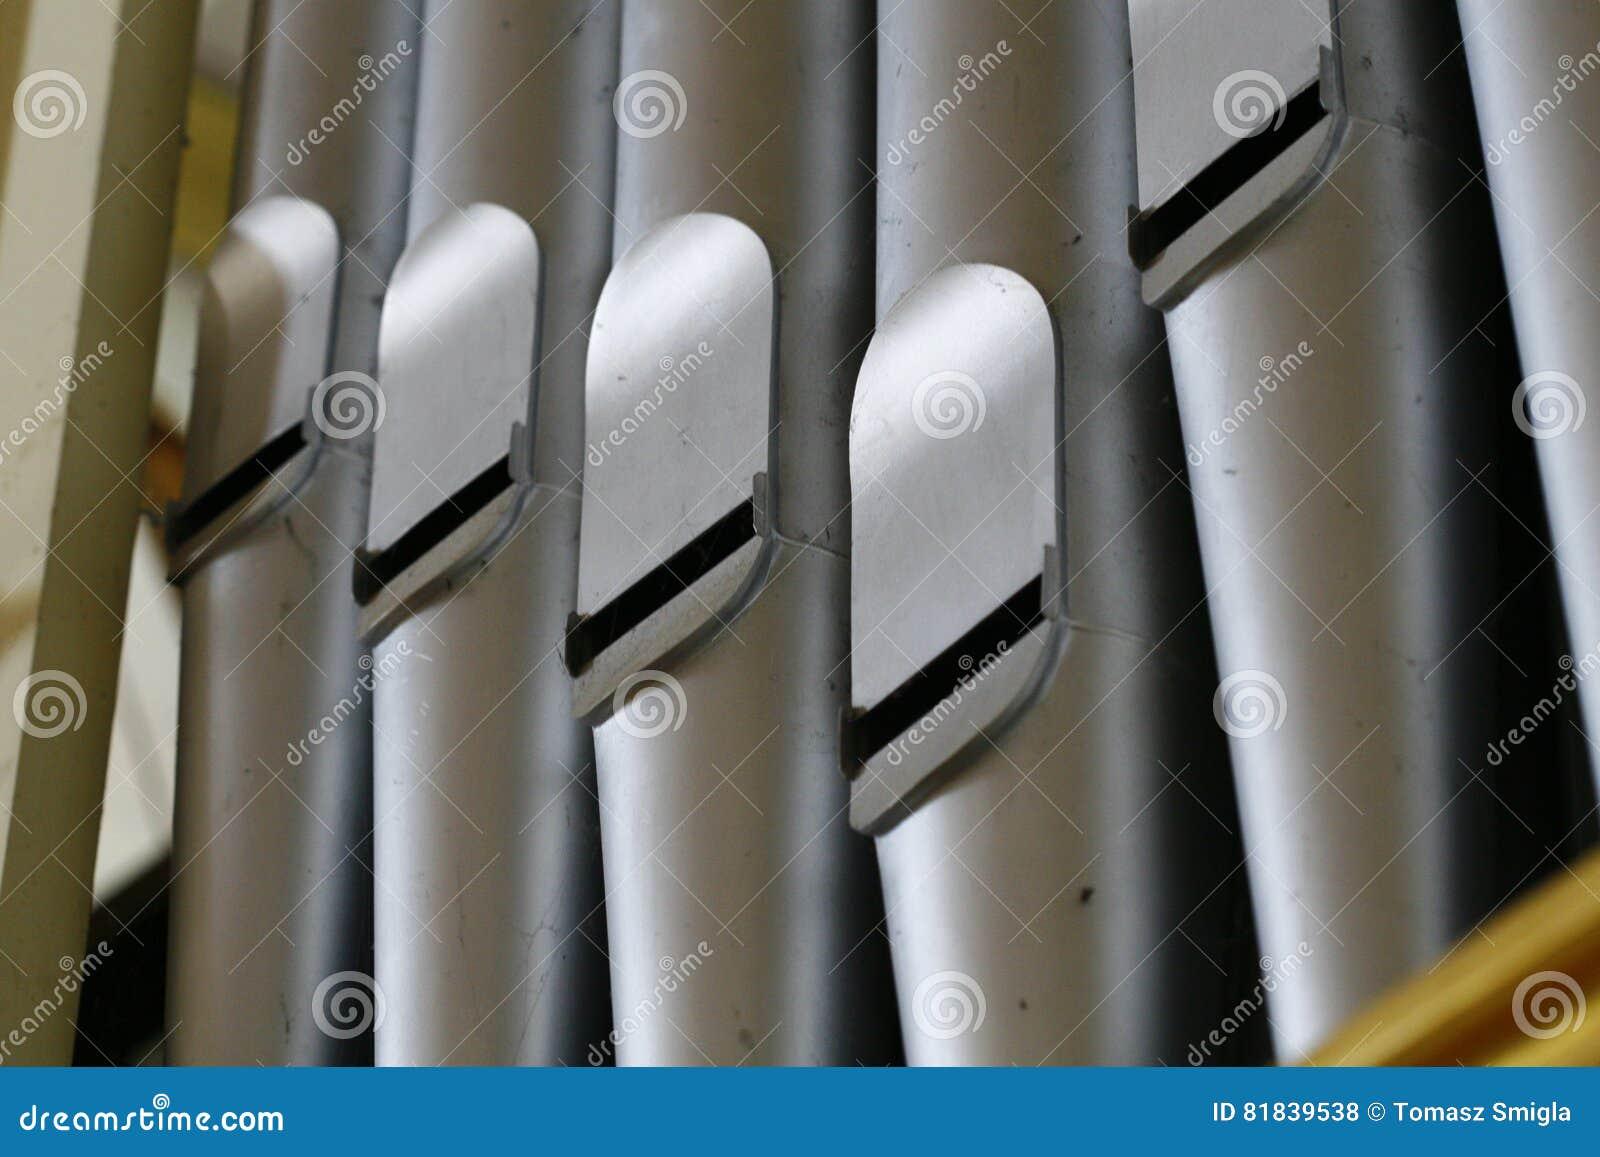 Organe de tuyau, tuyaux